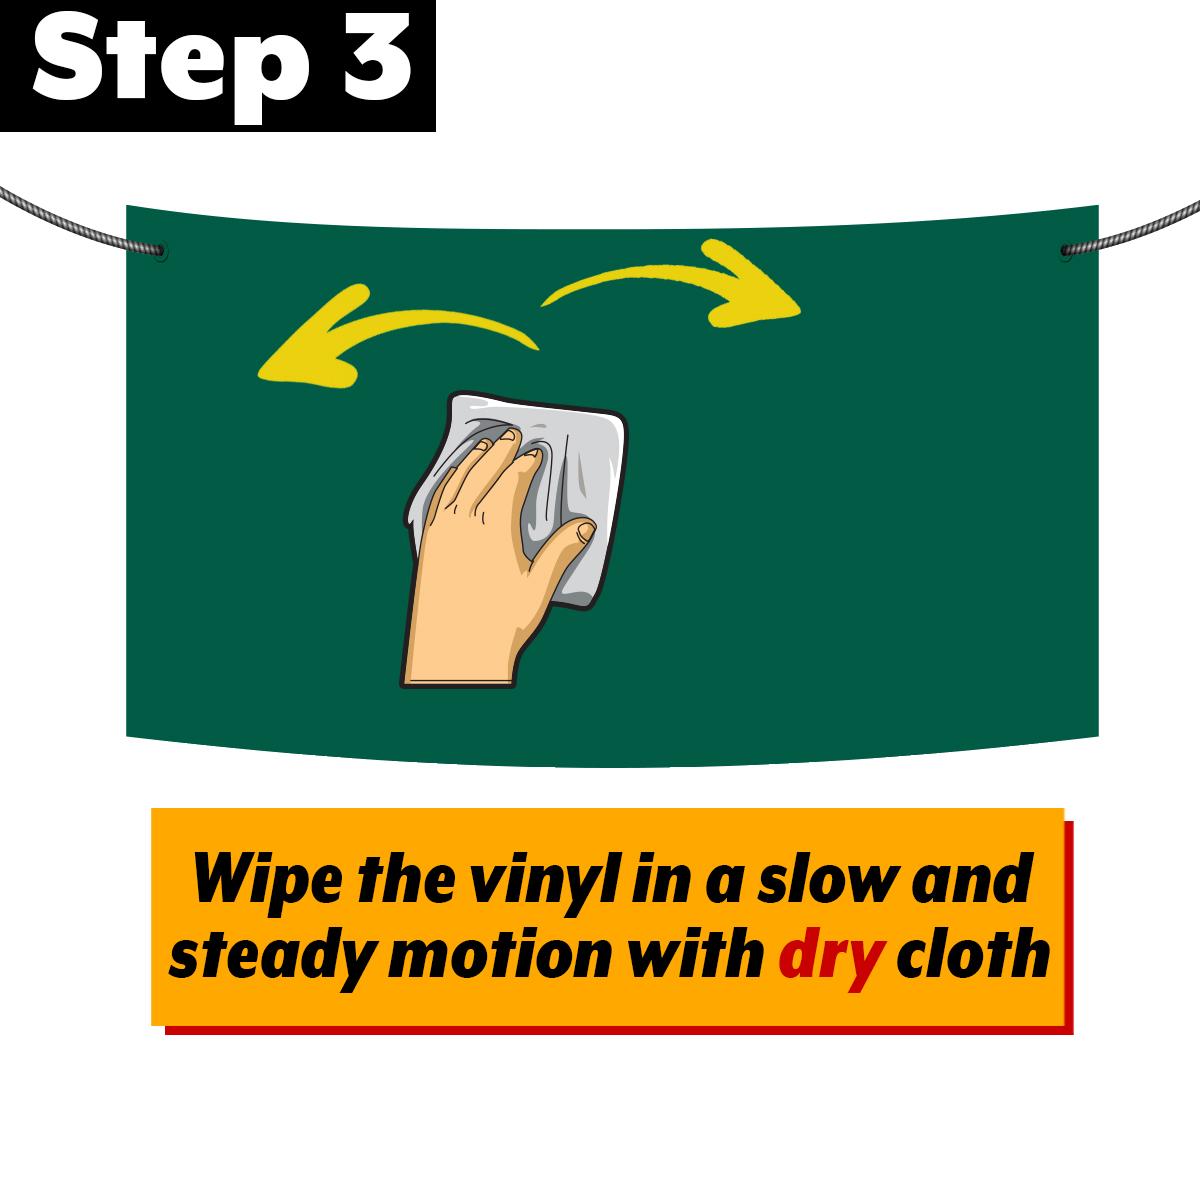 Vinyl - Step 3